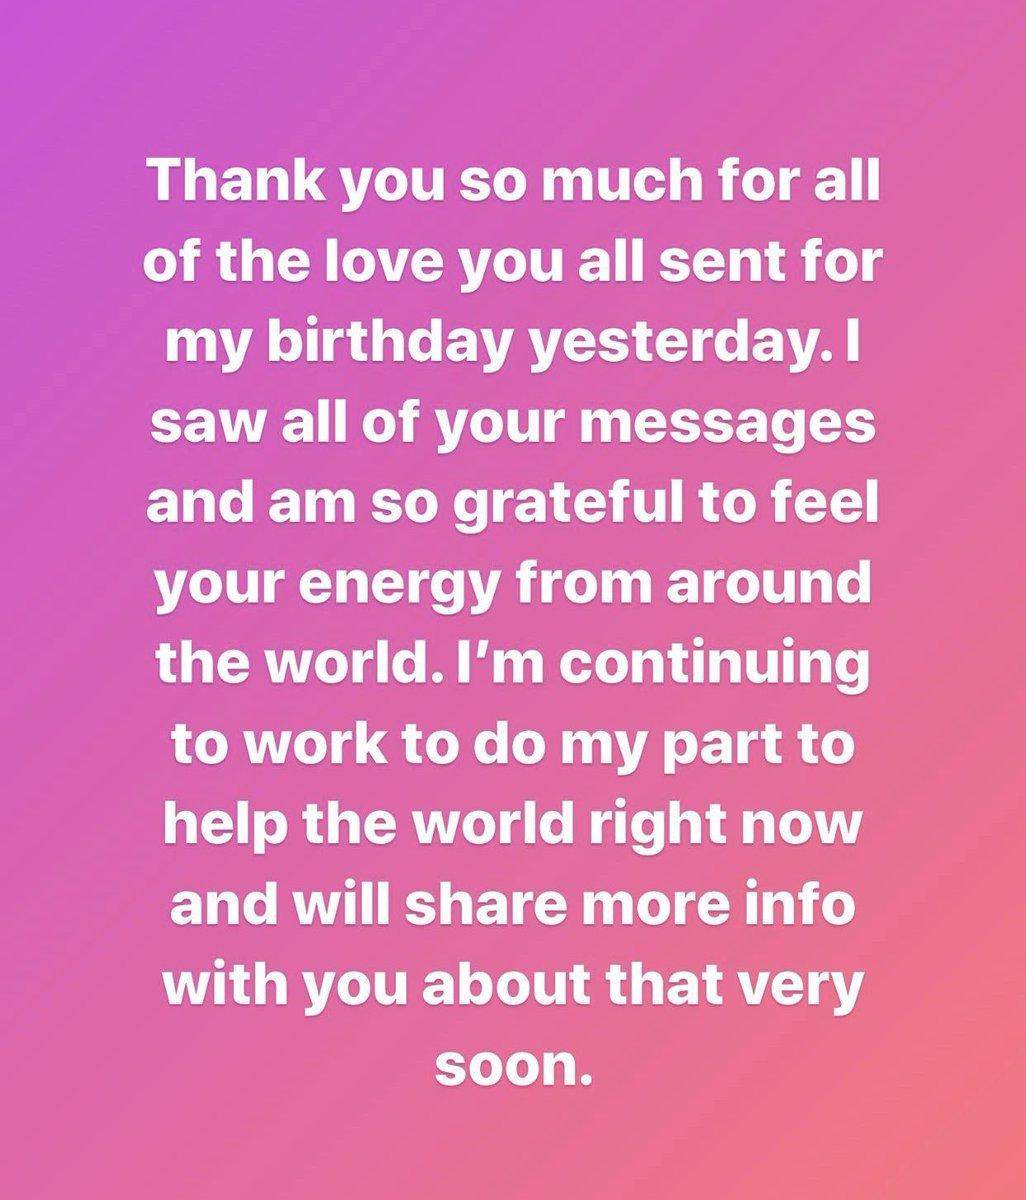 #NUEVO    Mensaje de Lady Gaga a sus fans a través de Instagram.